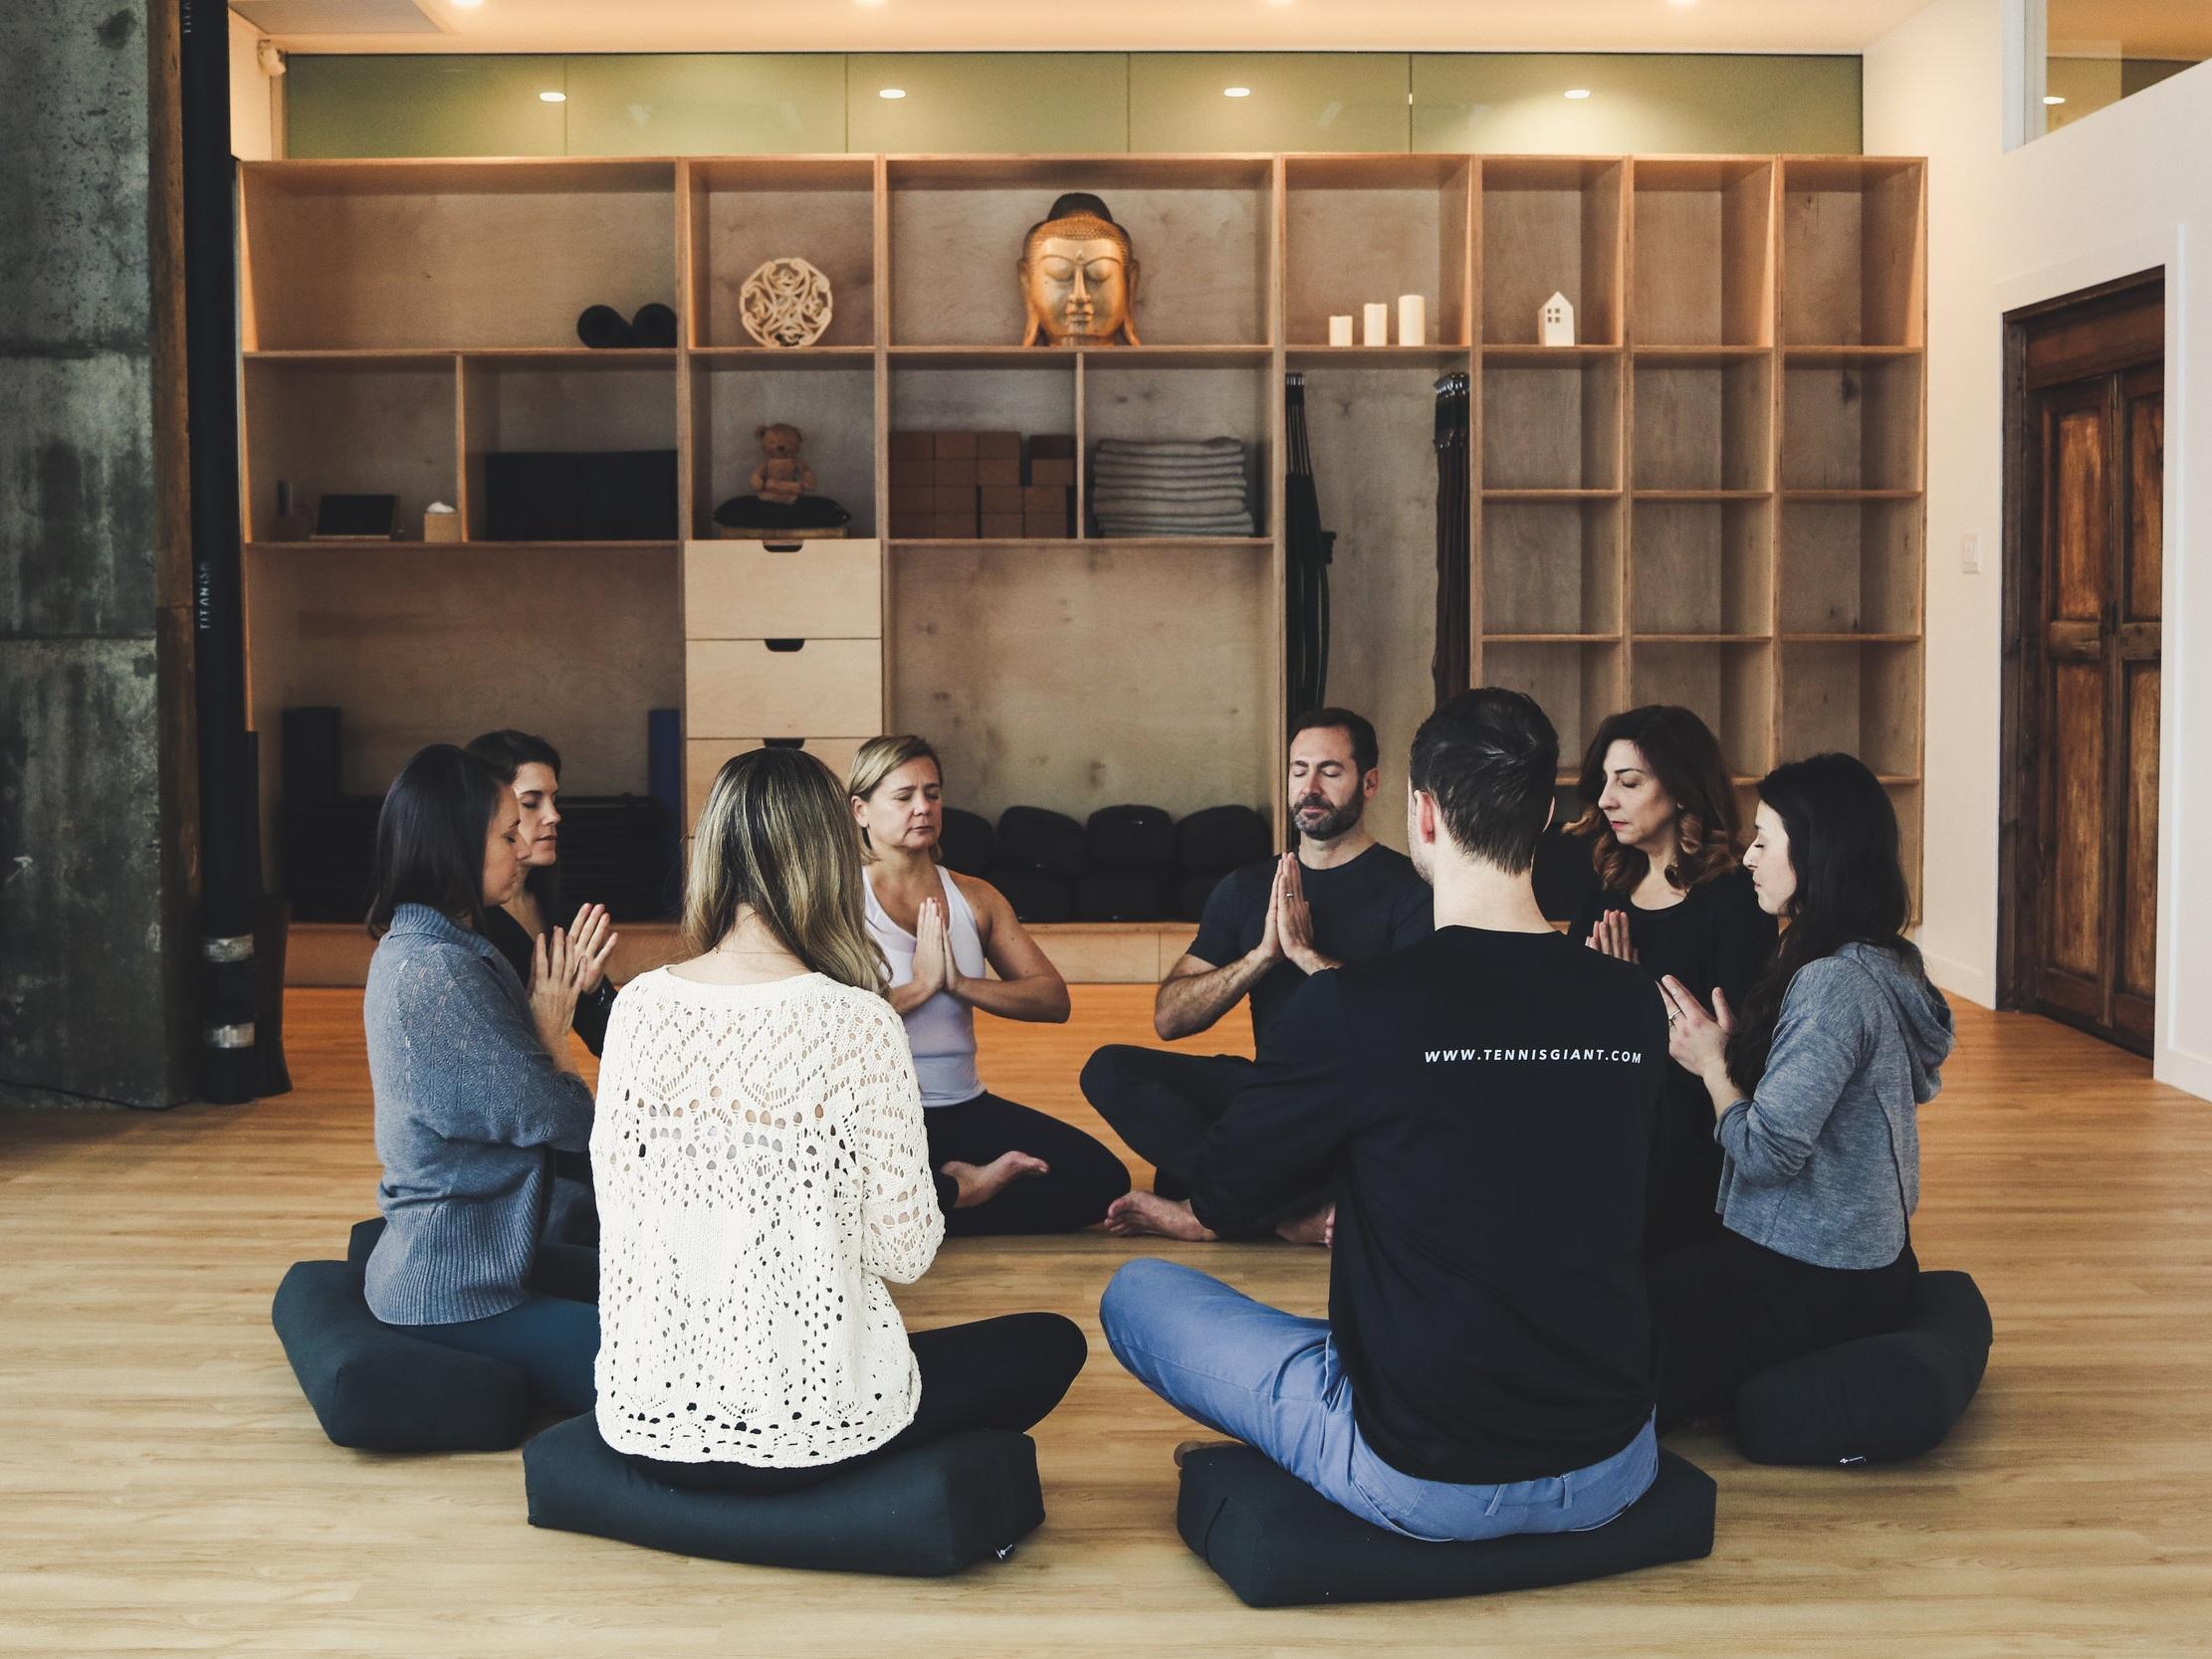 YIN ET MÉDITATION - Une pratique enracinée et profonde avec des poses tenues plus longtemps et une méditation guidée. Le yoga Yin est fait pour vous si vous êtes fatigué et avez besoin d'énergie, si vous êtes trop stimulé et que vous avez trop d'énergie.